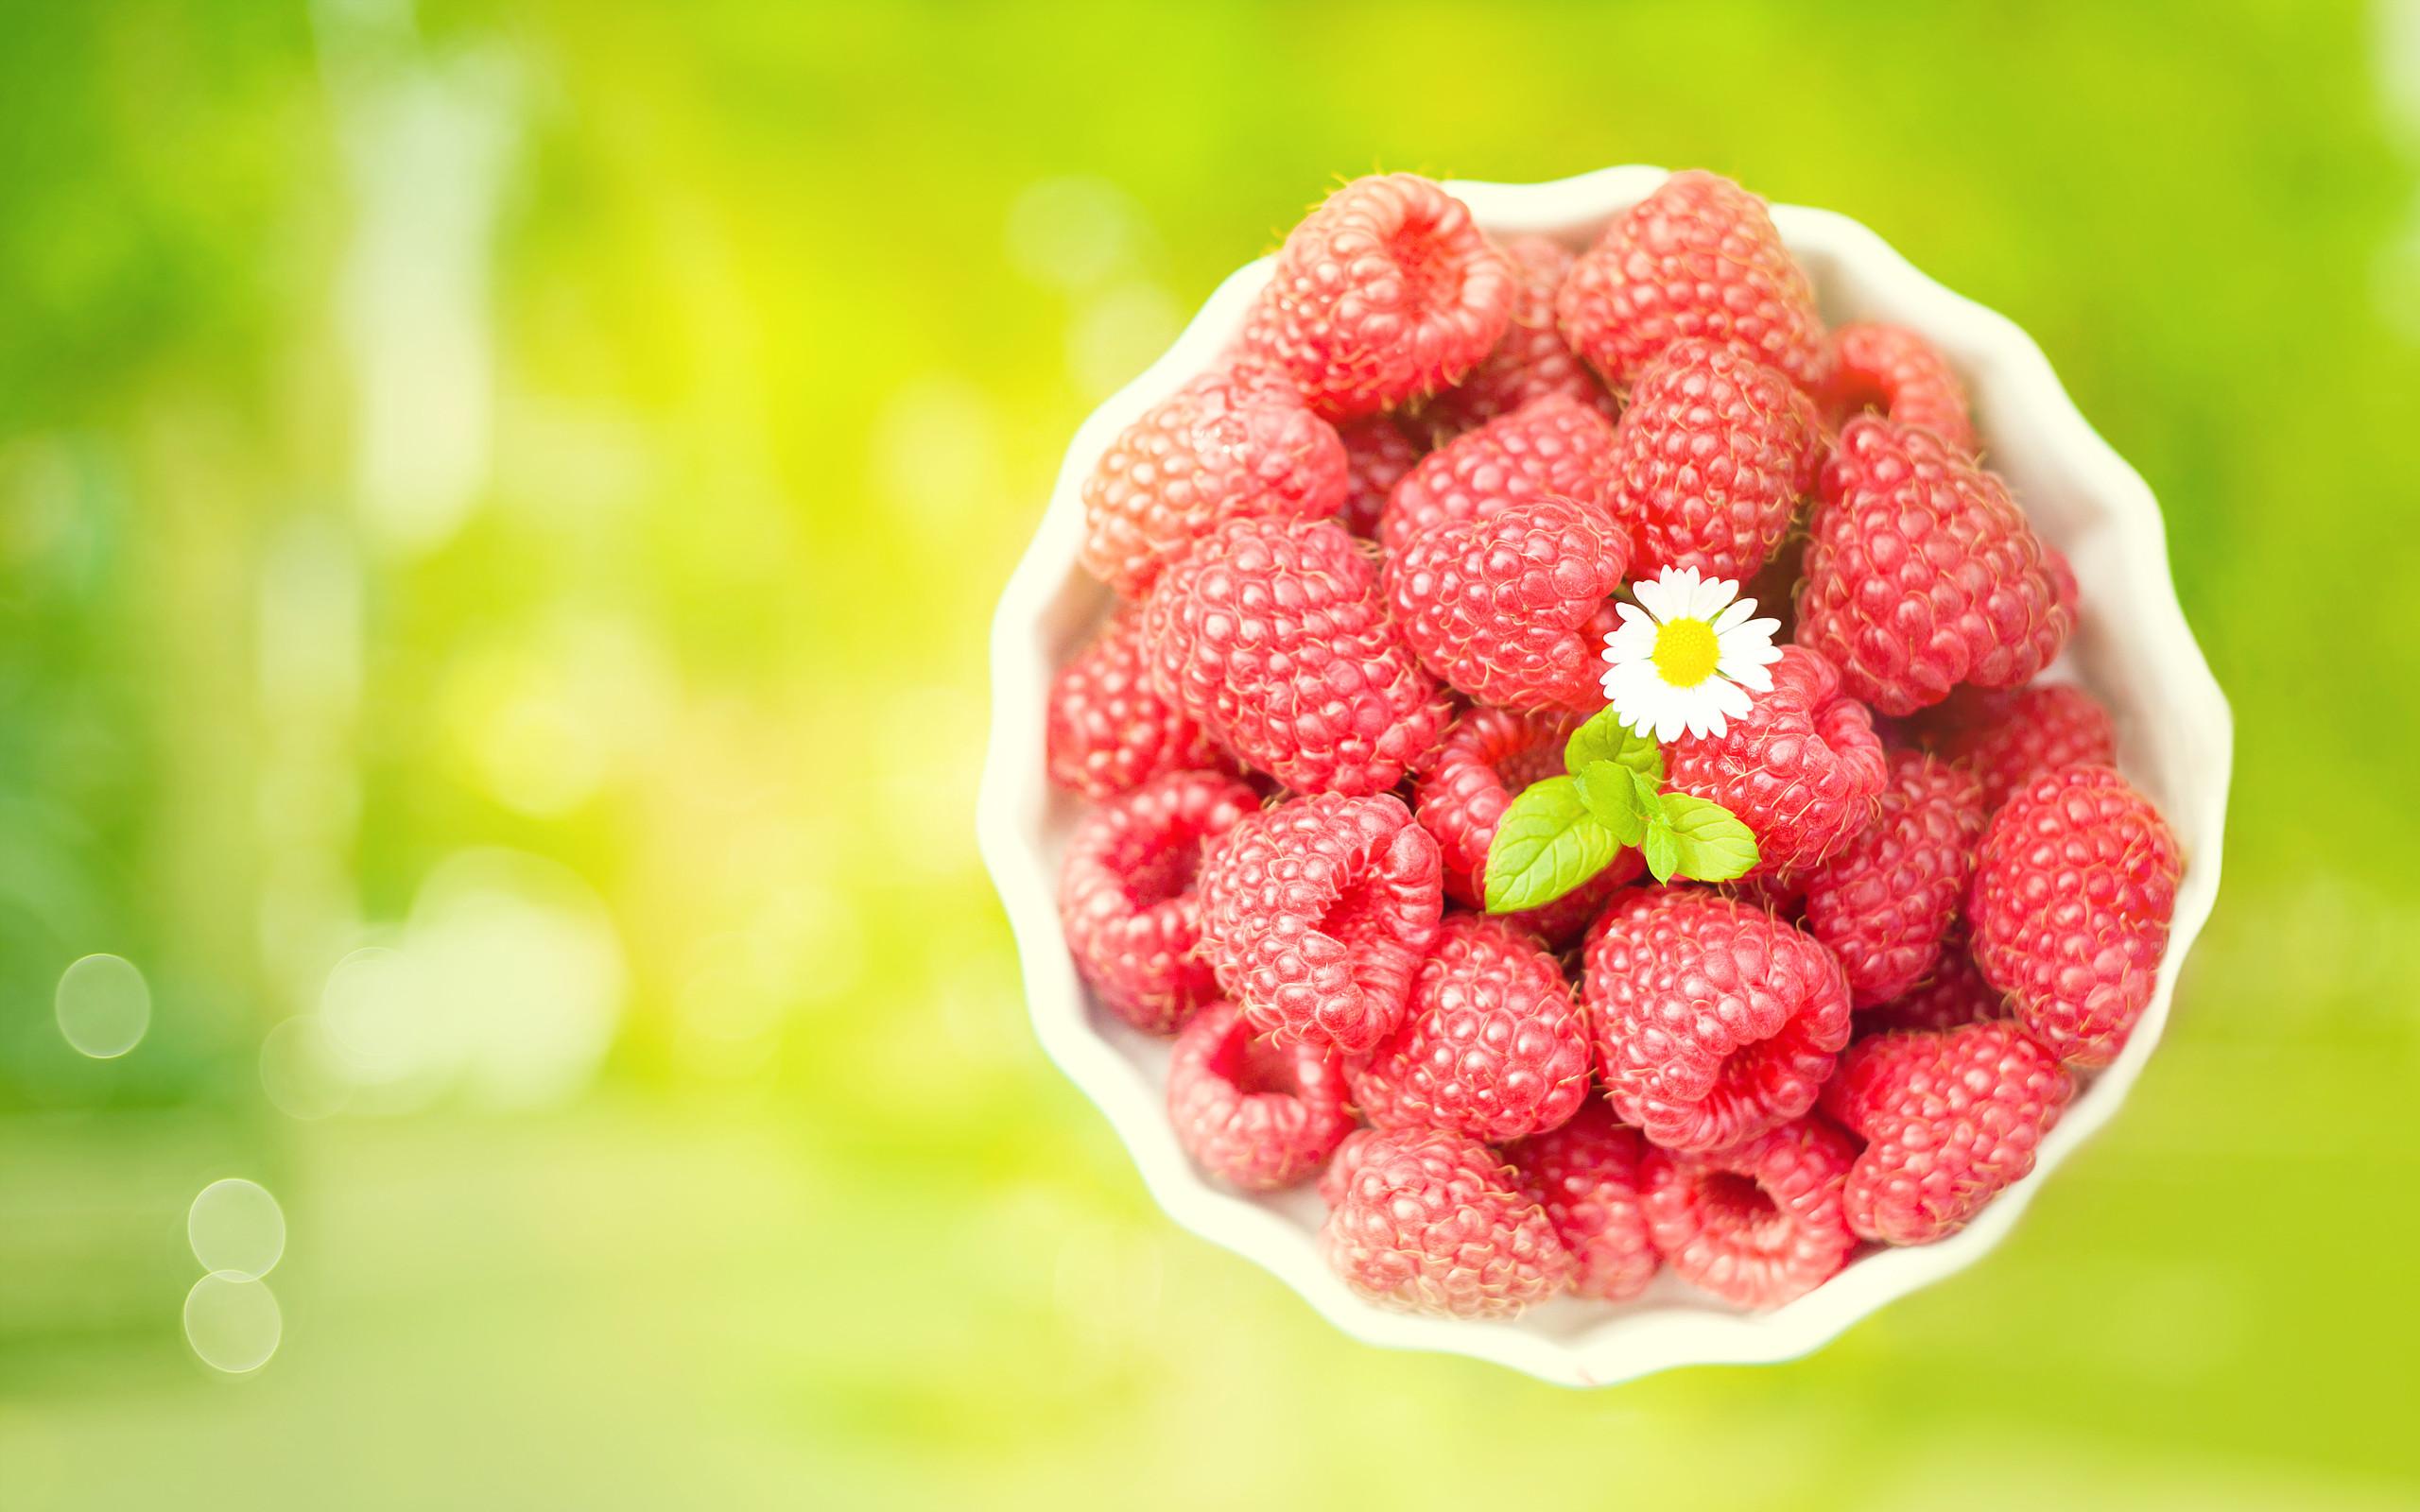 Cute Raspberries Wallpaper